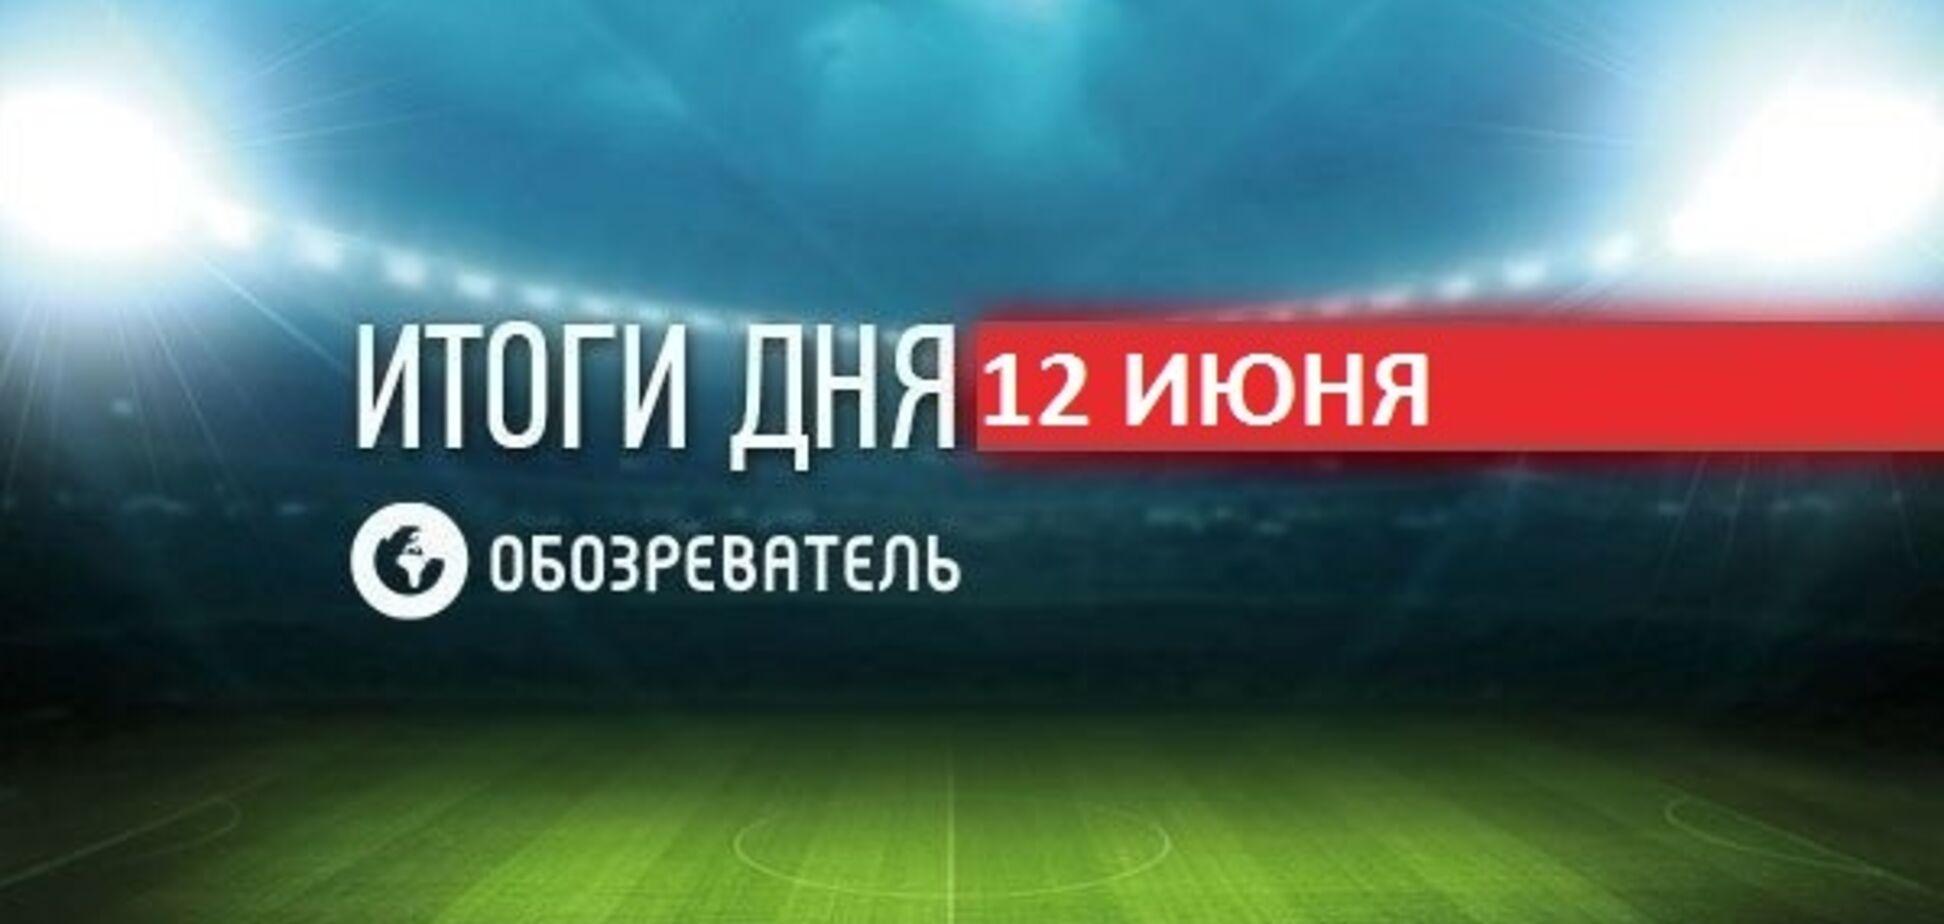 Владимир Кличко сообщил трагическую новость: спортивные итоги 12 июня